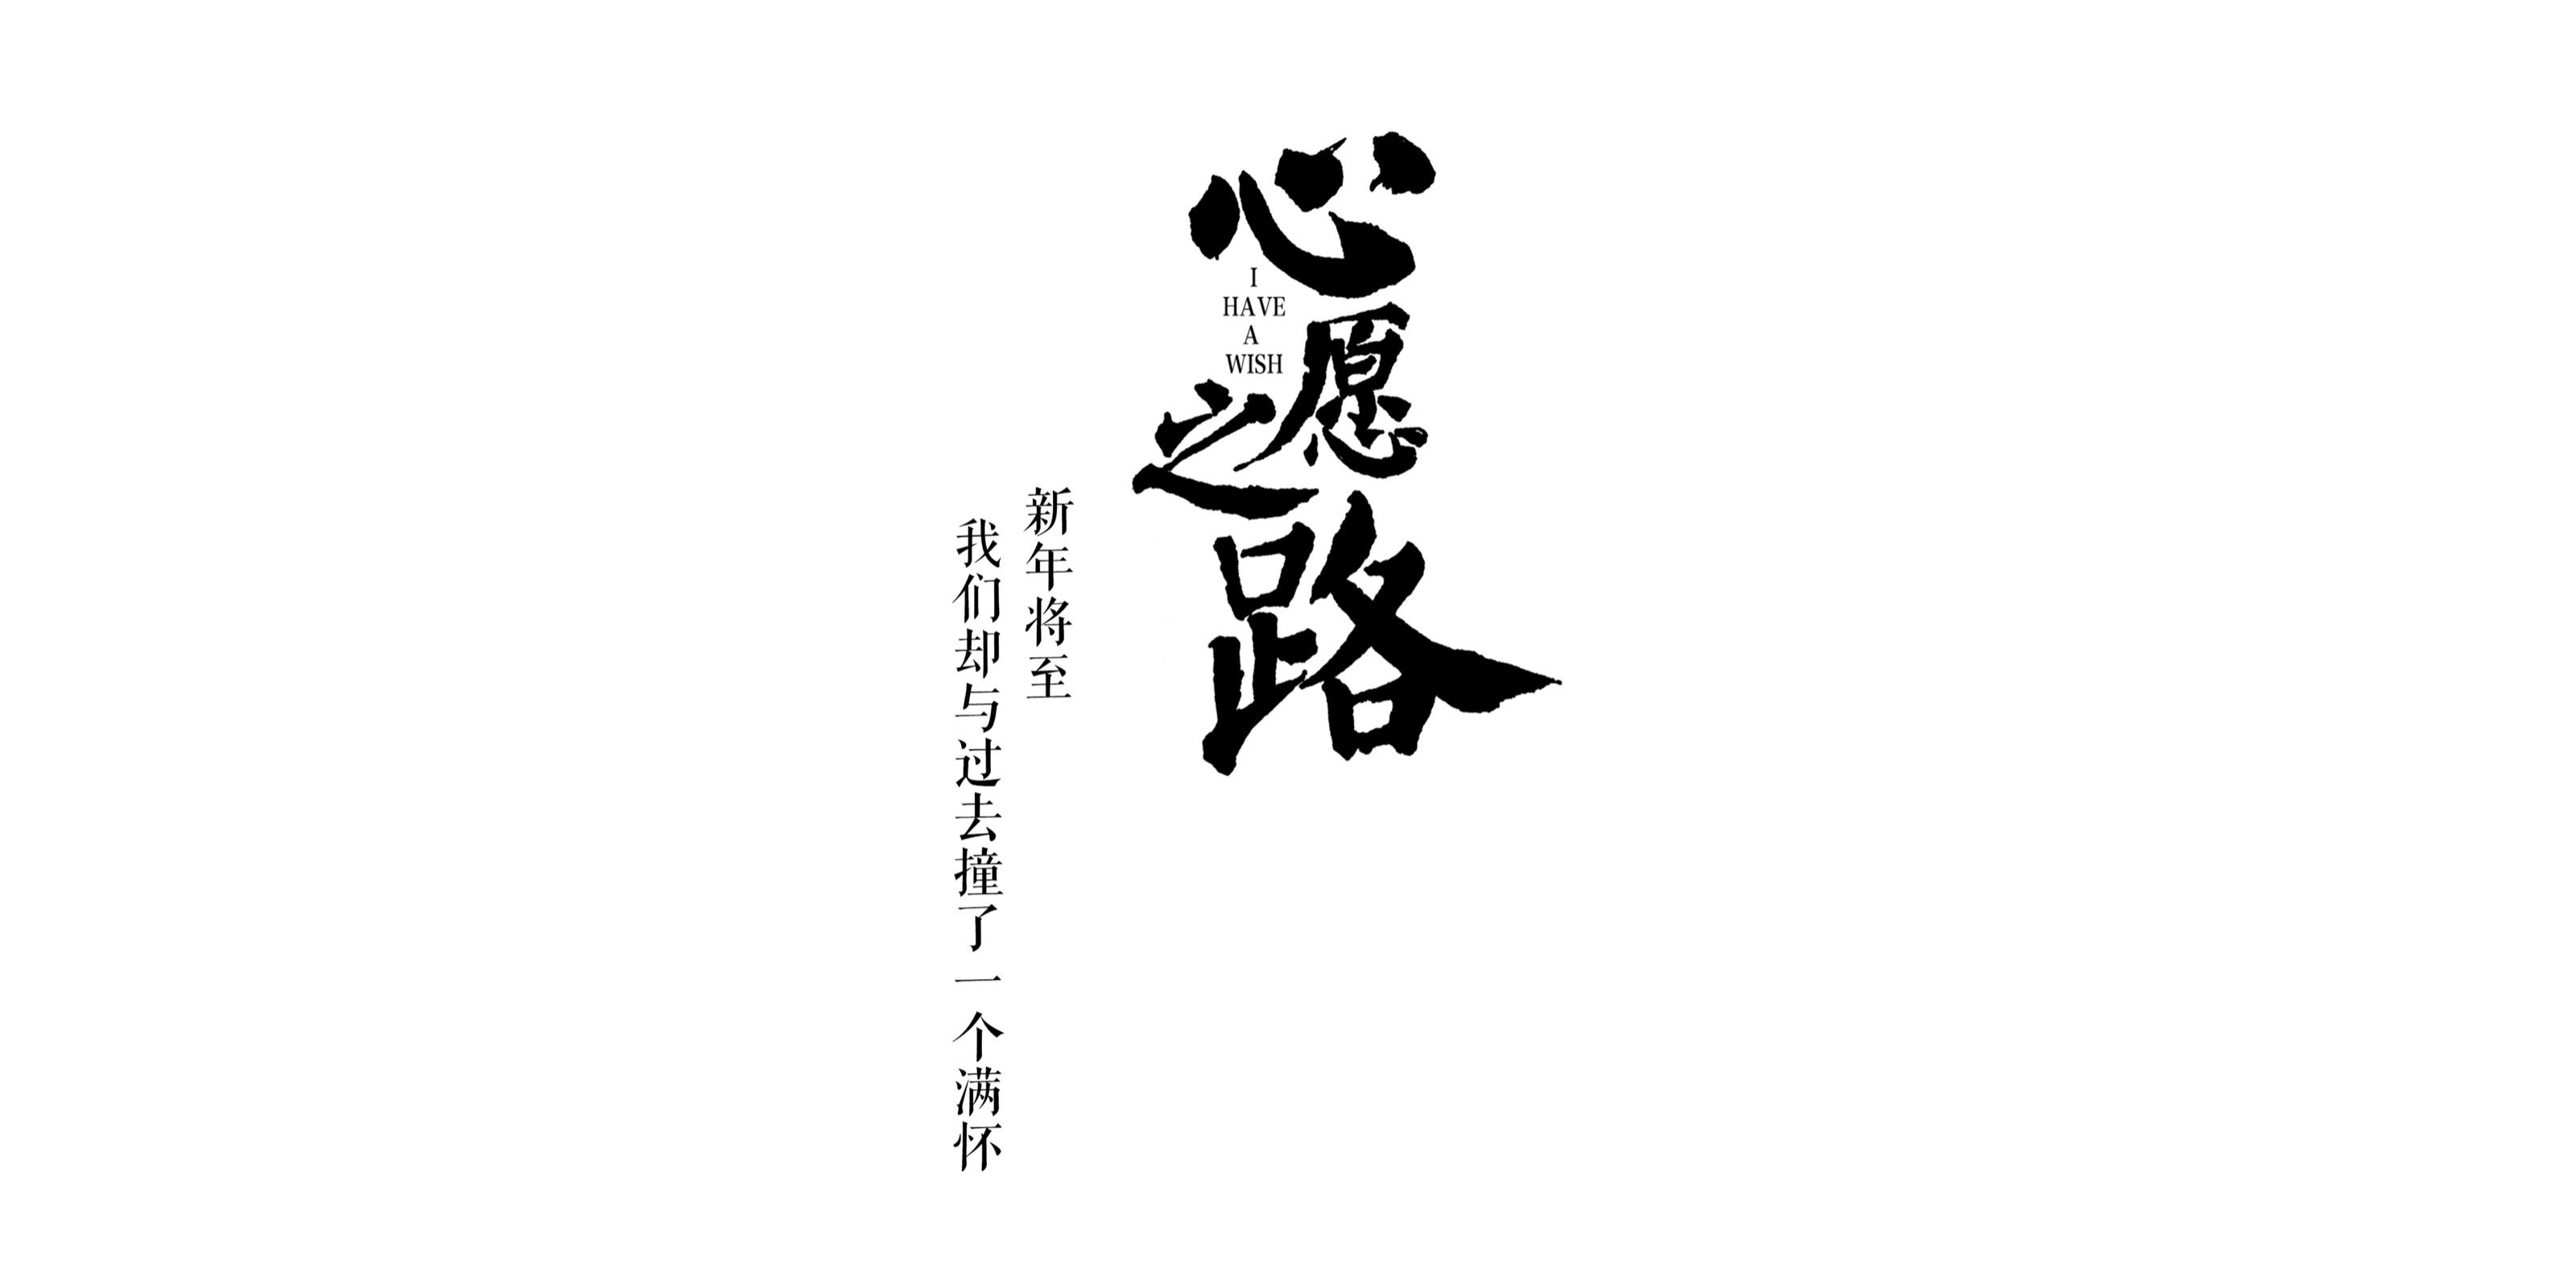 插画微粒贷海报222.jpg